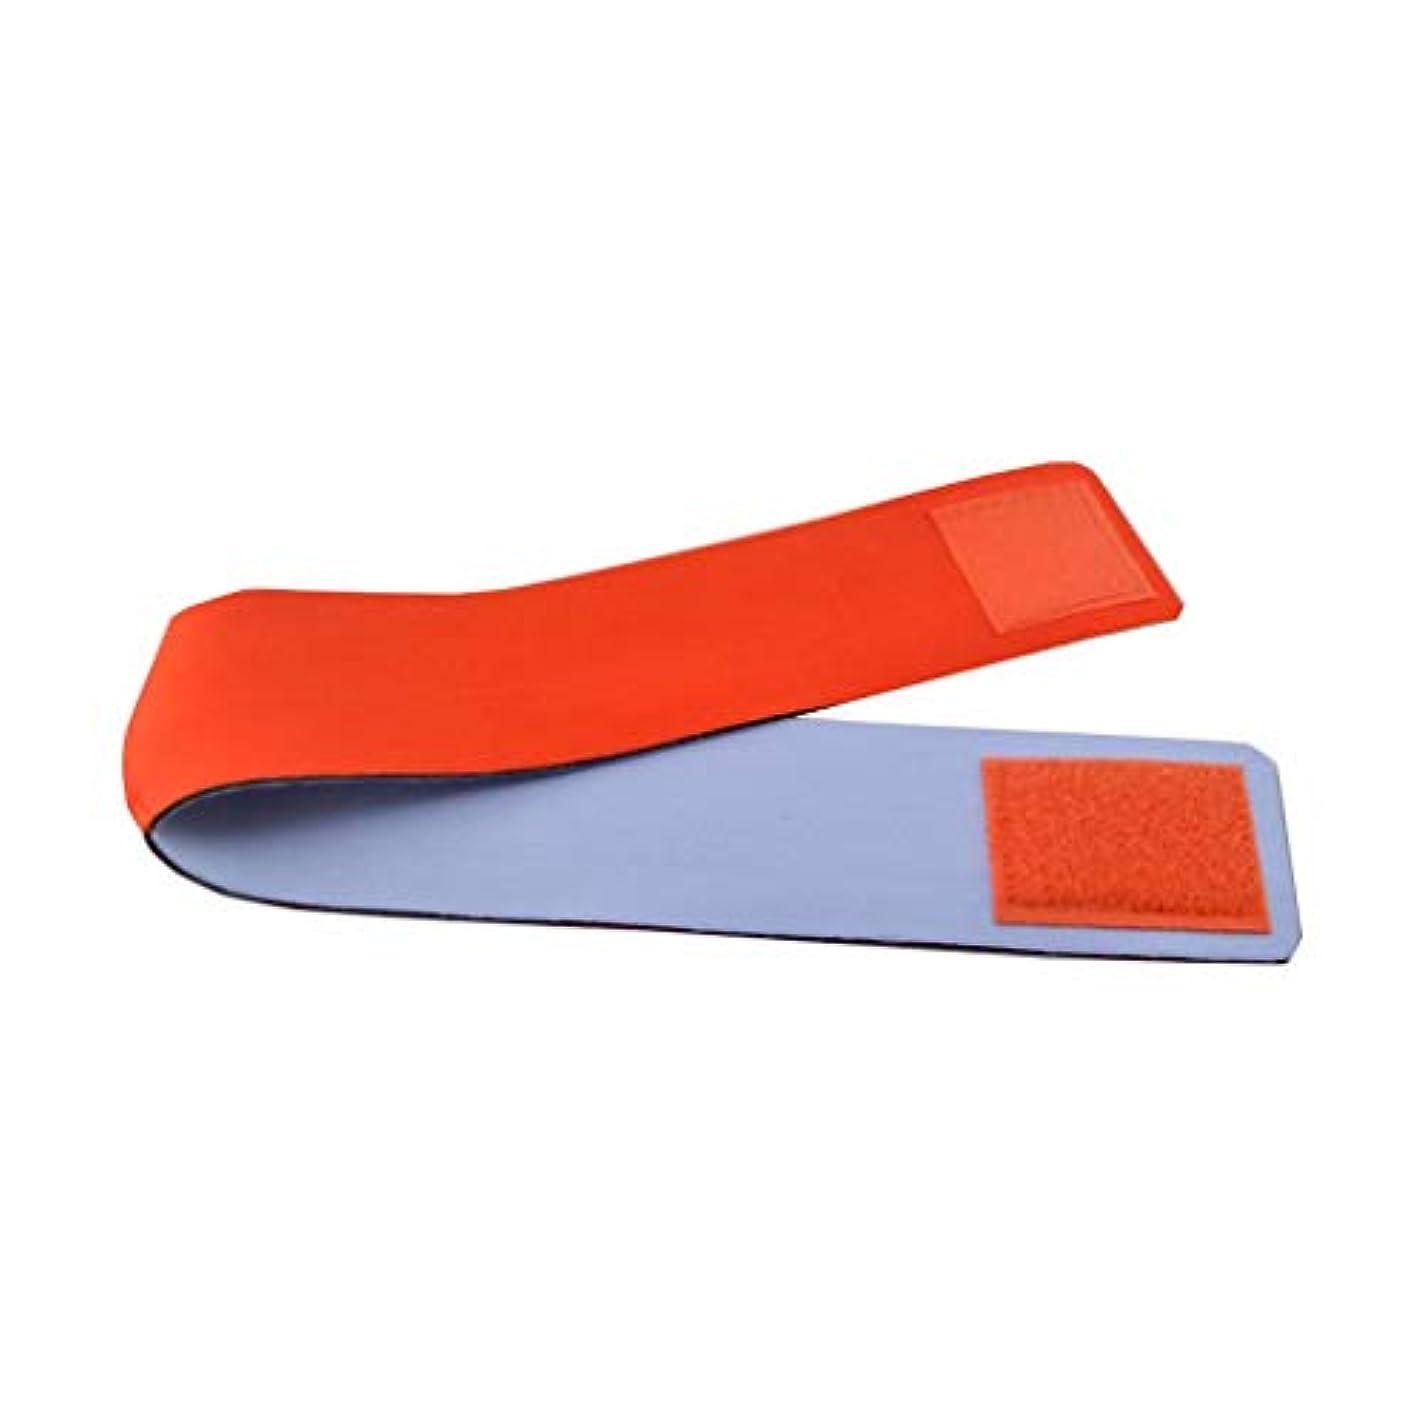 伝記遮る選ぶZWBD フェイスマスク, 薄い顔のアーティファクト包帯で小さなVフェイスマスク美容睡眠男性の特別な顎セットリフティング引き締め